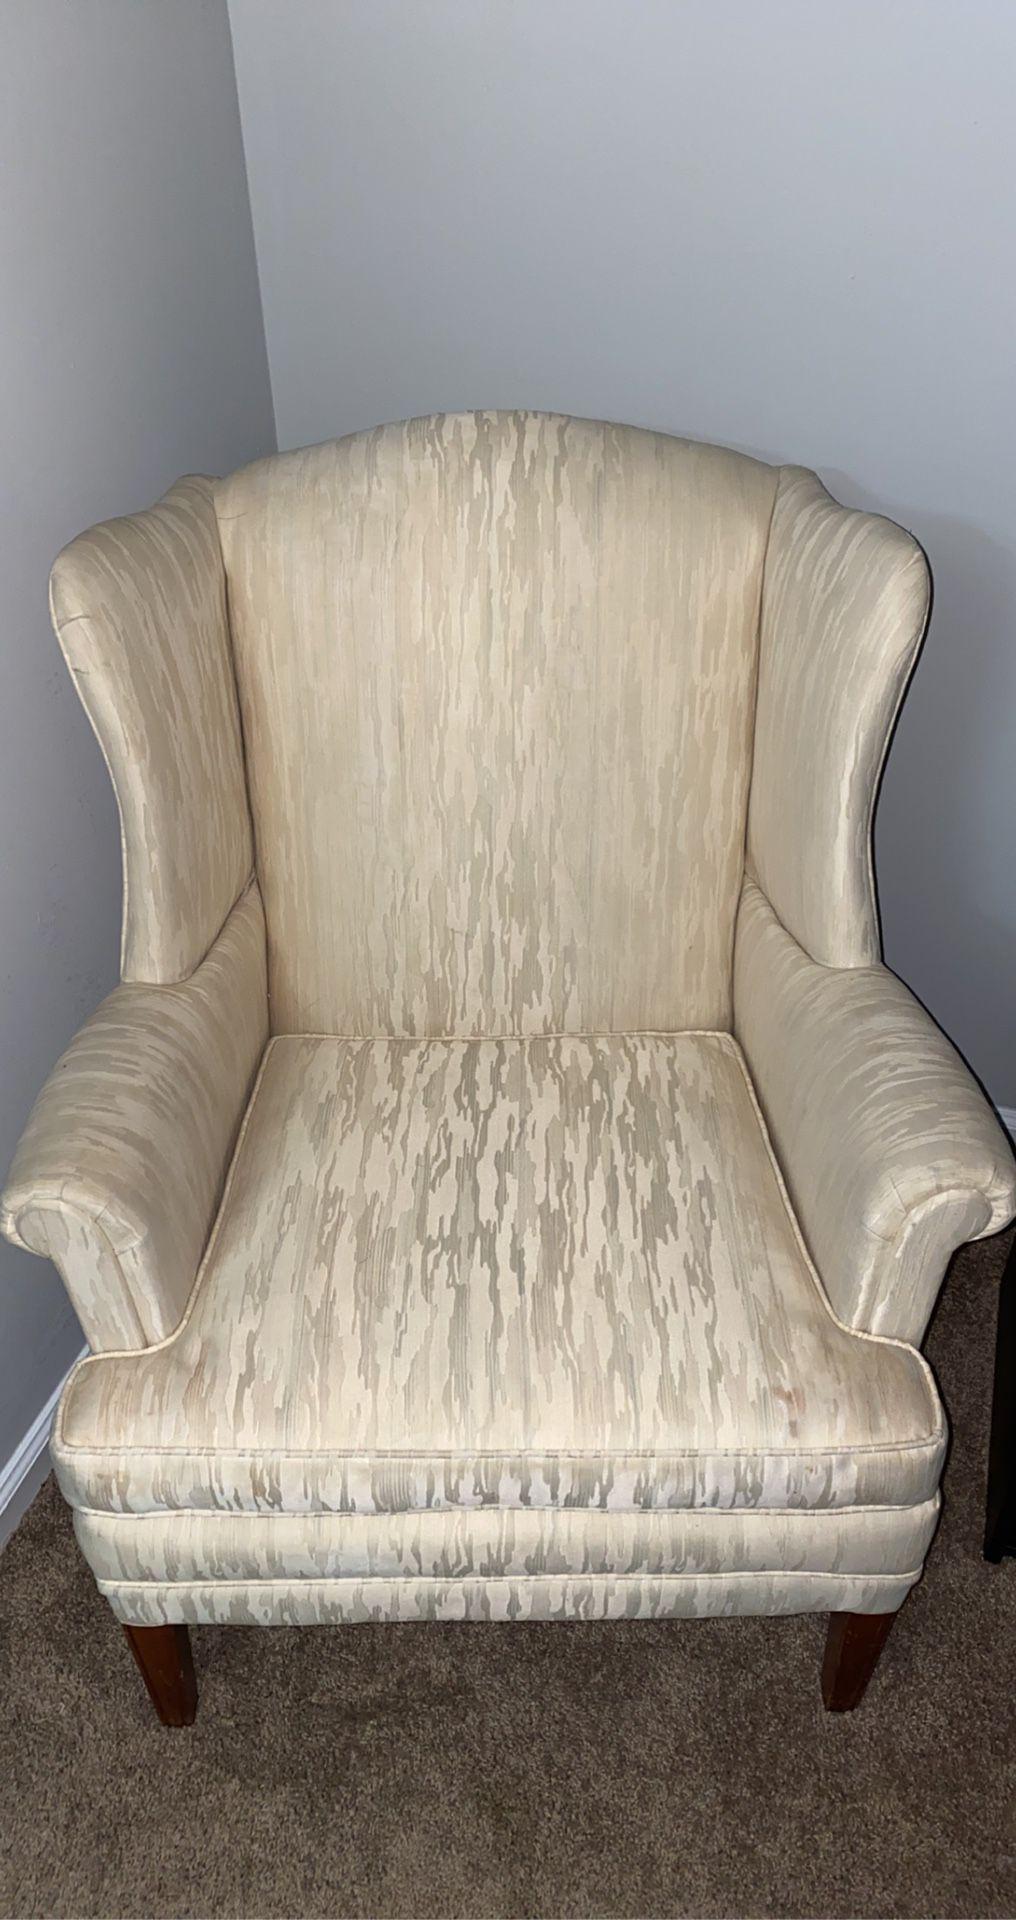 Nice Chair